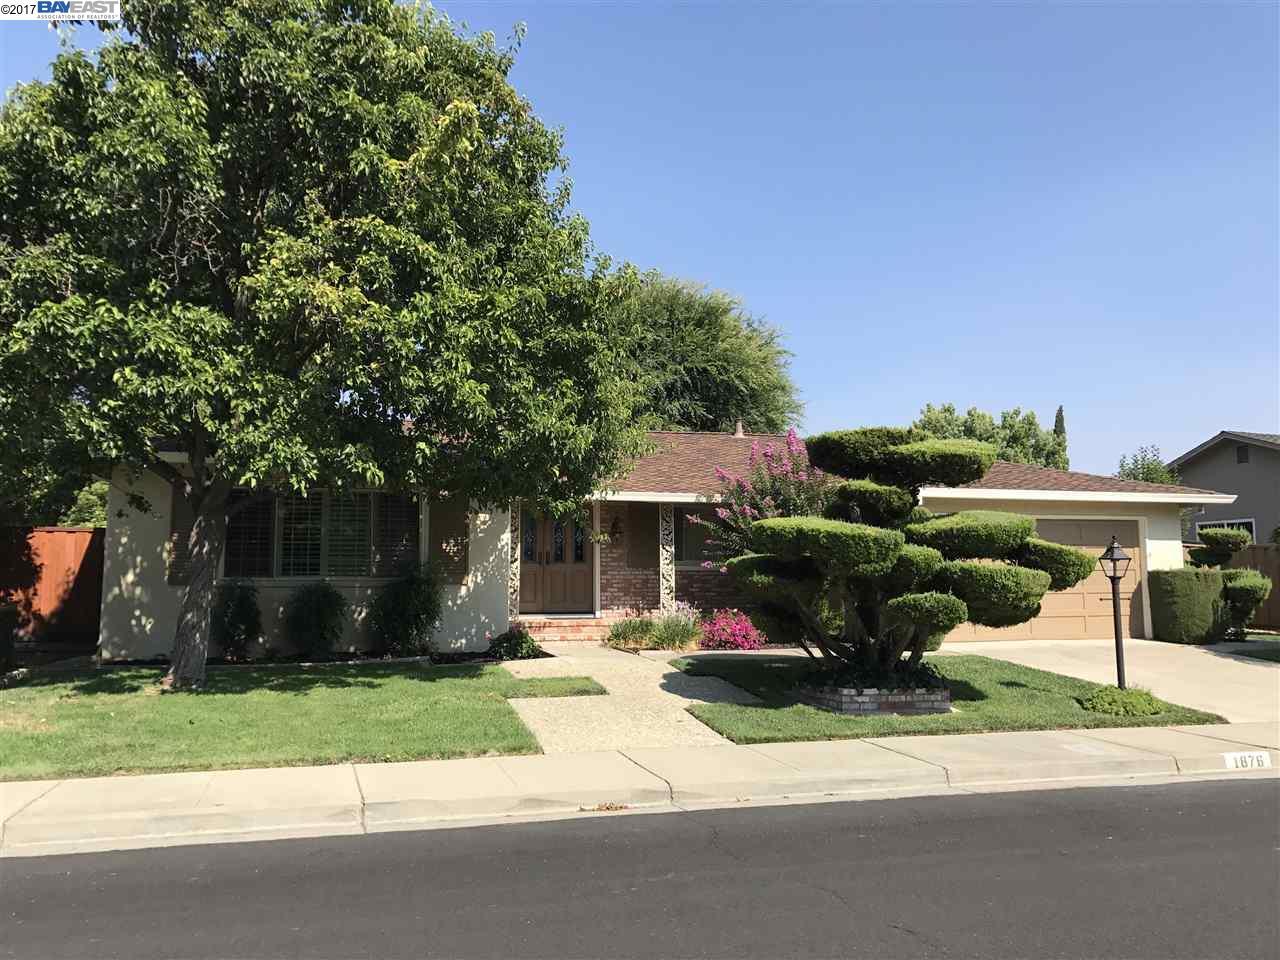 Maison unifamiliale pour l à louer à 1876 Tanglewood Way Pleasanton, Californie 94566 États-Unis